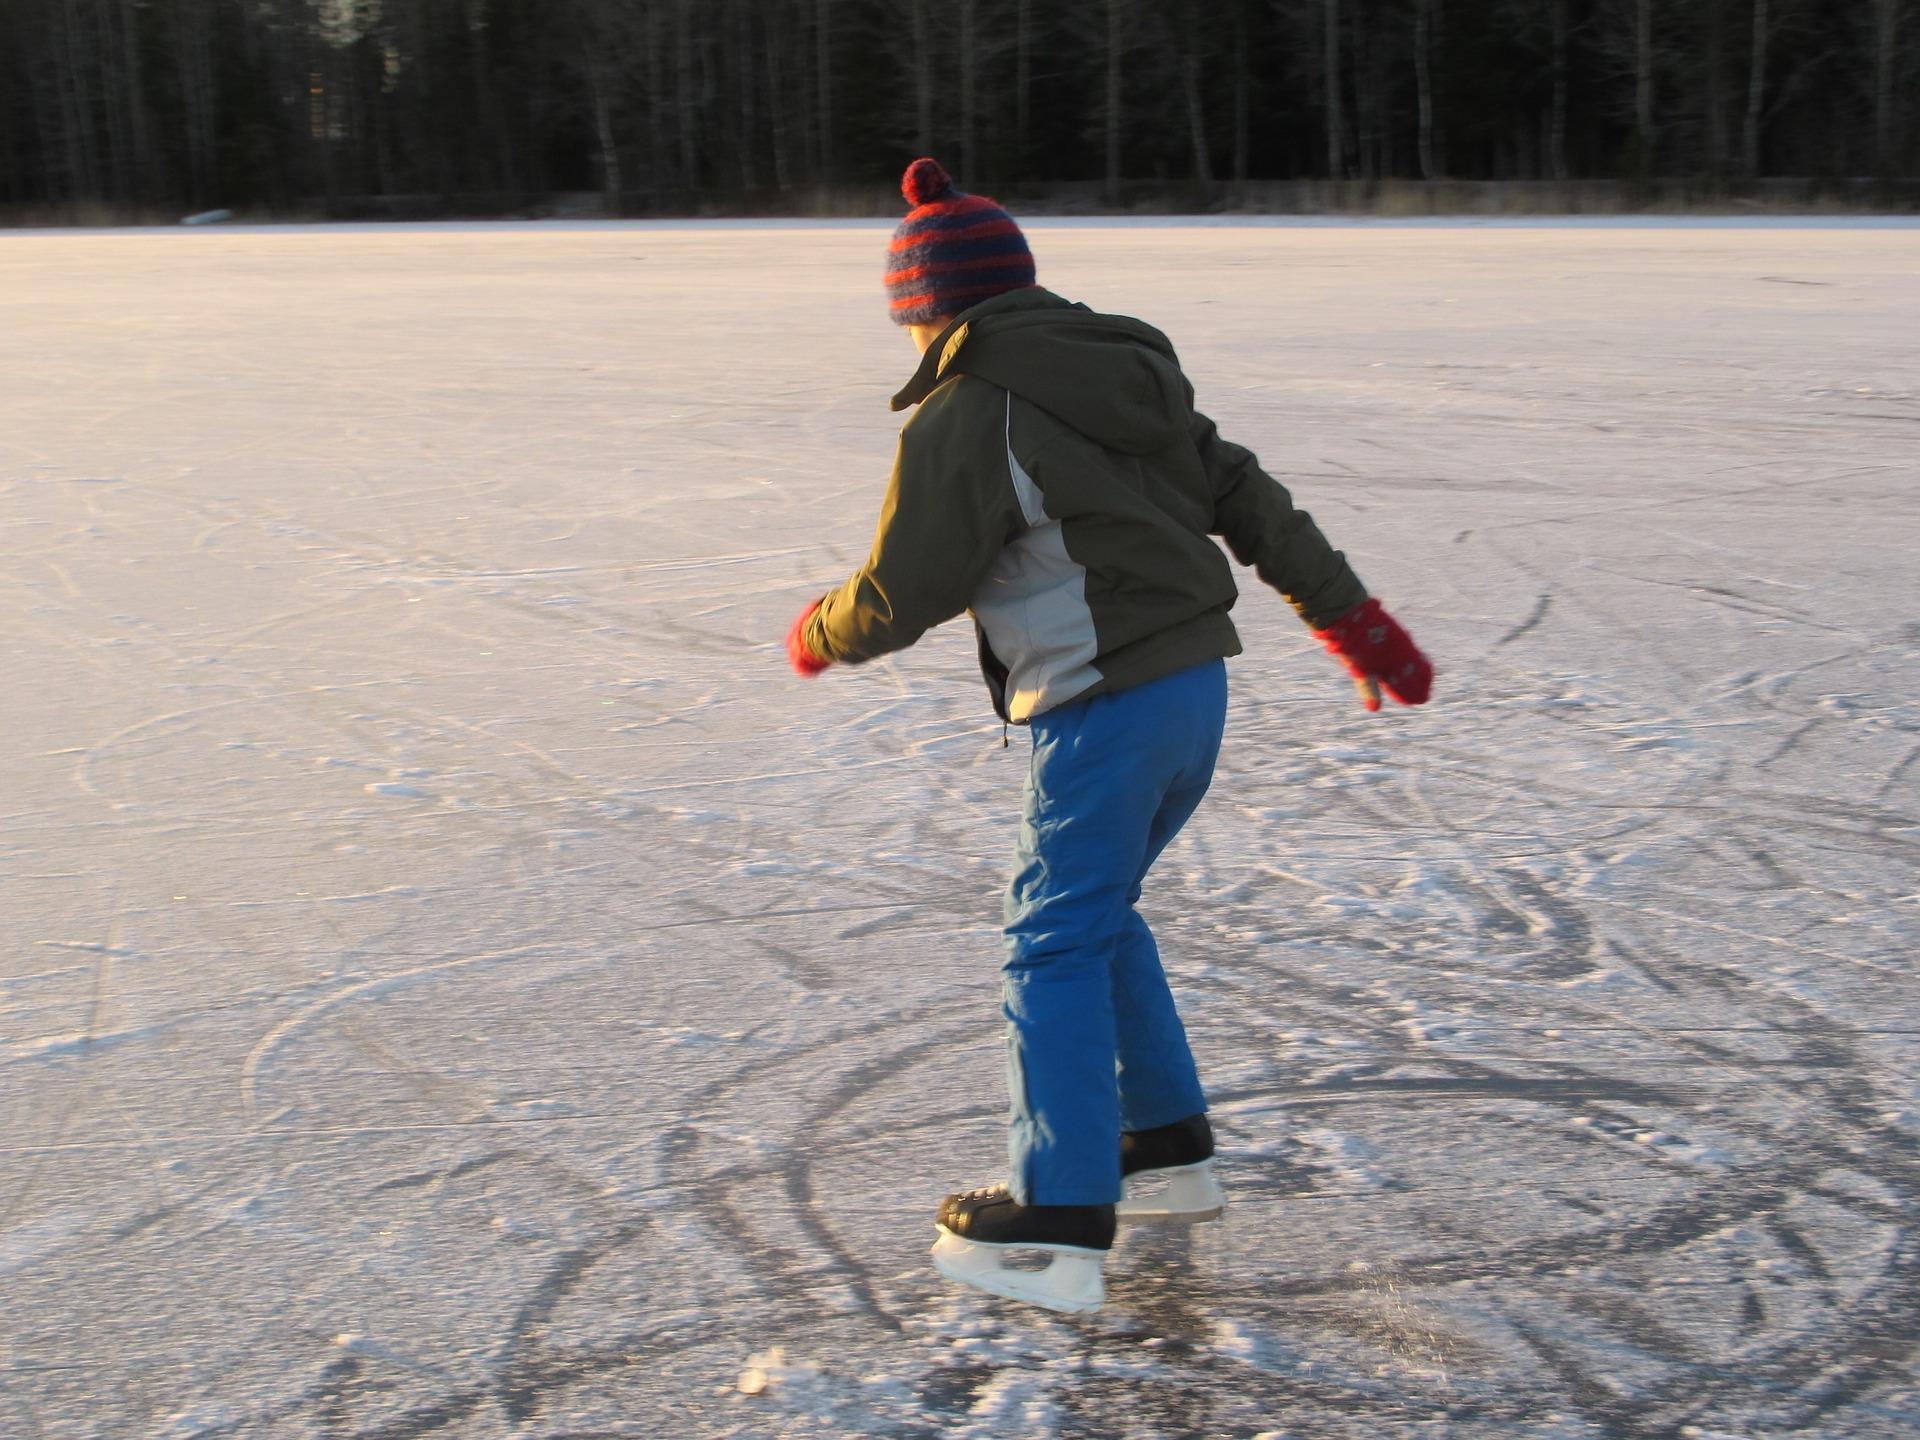 skater ice skating outside on frozen pond